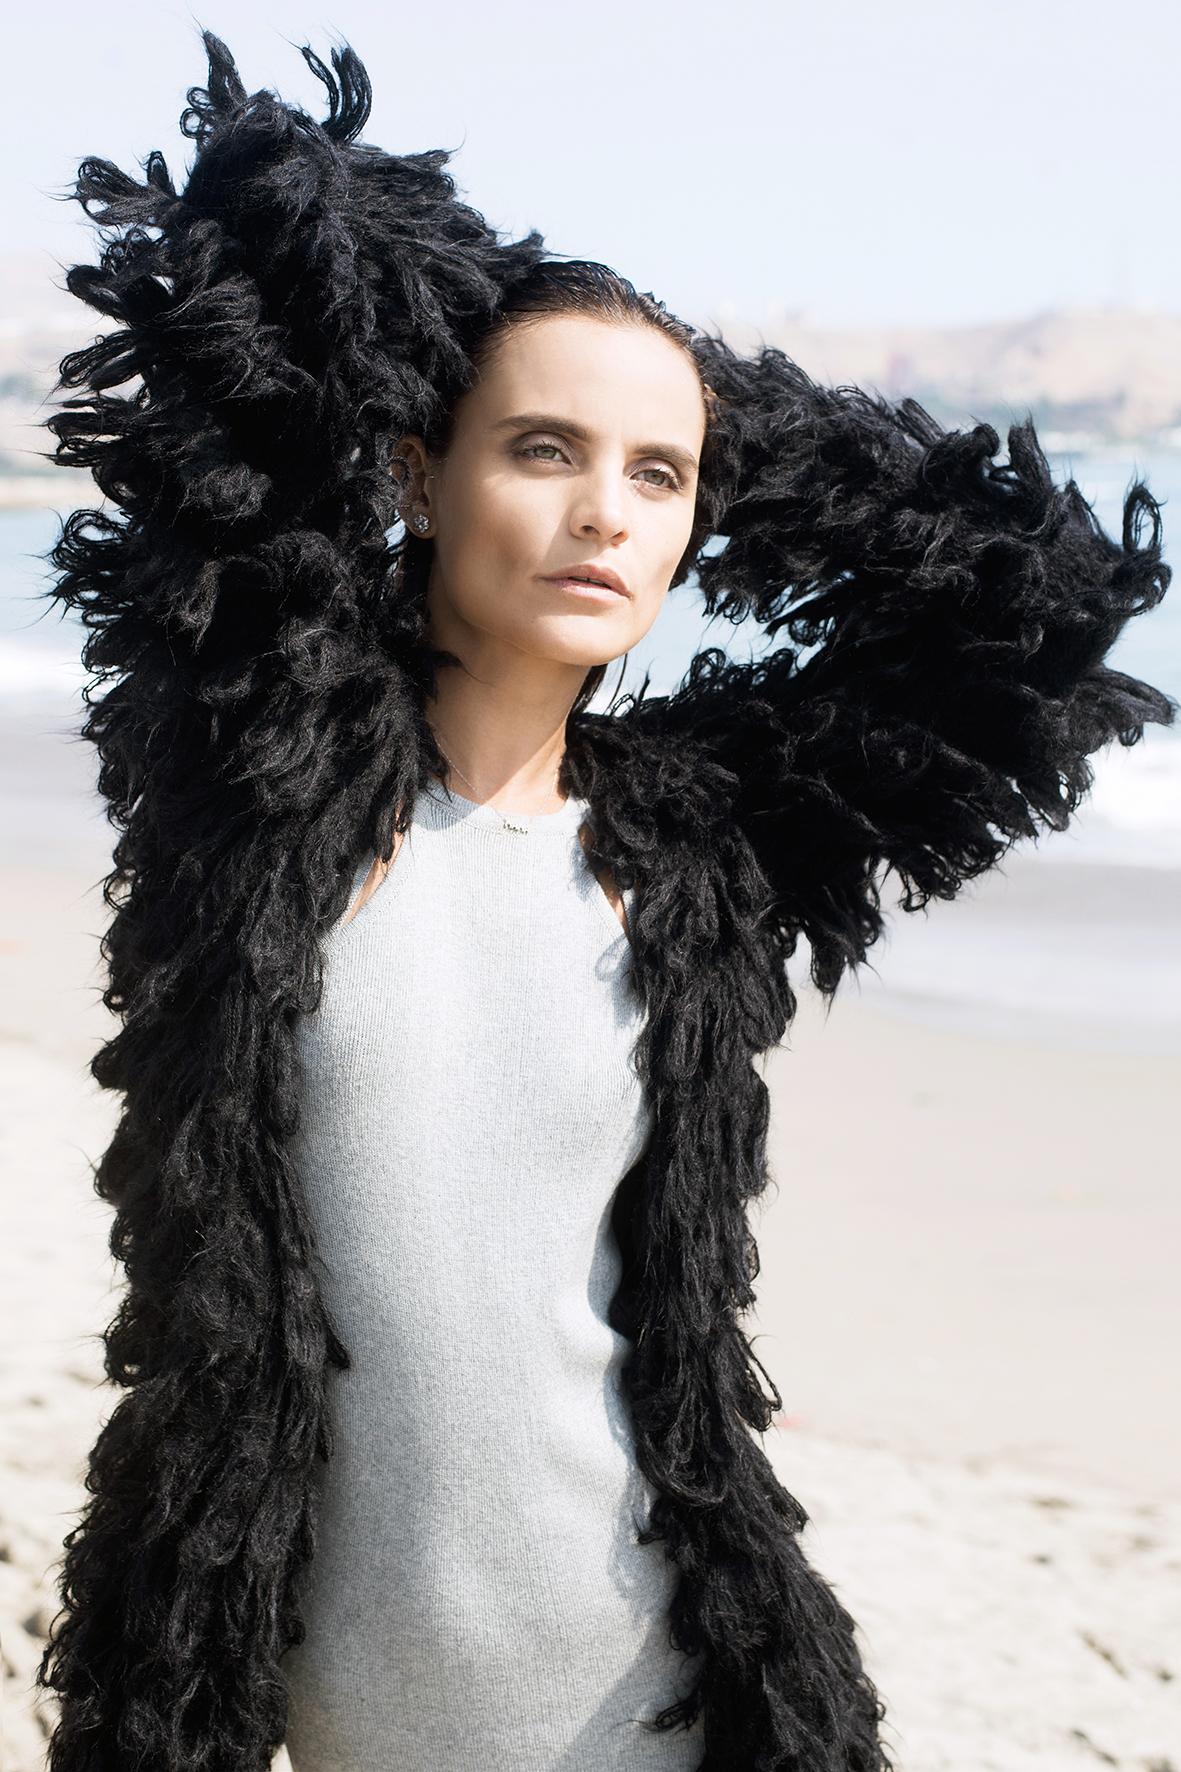 giuliana weston - modelo peruana - perú - peru moda -  fashion photography - costa verde -  010.jpg